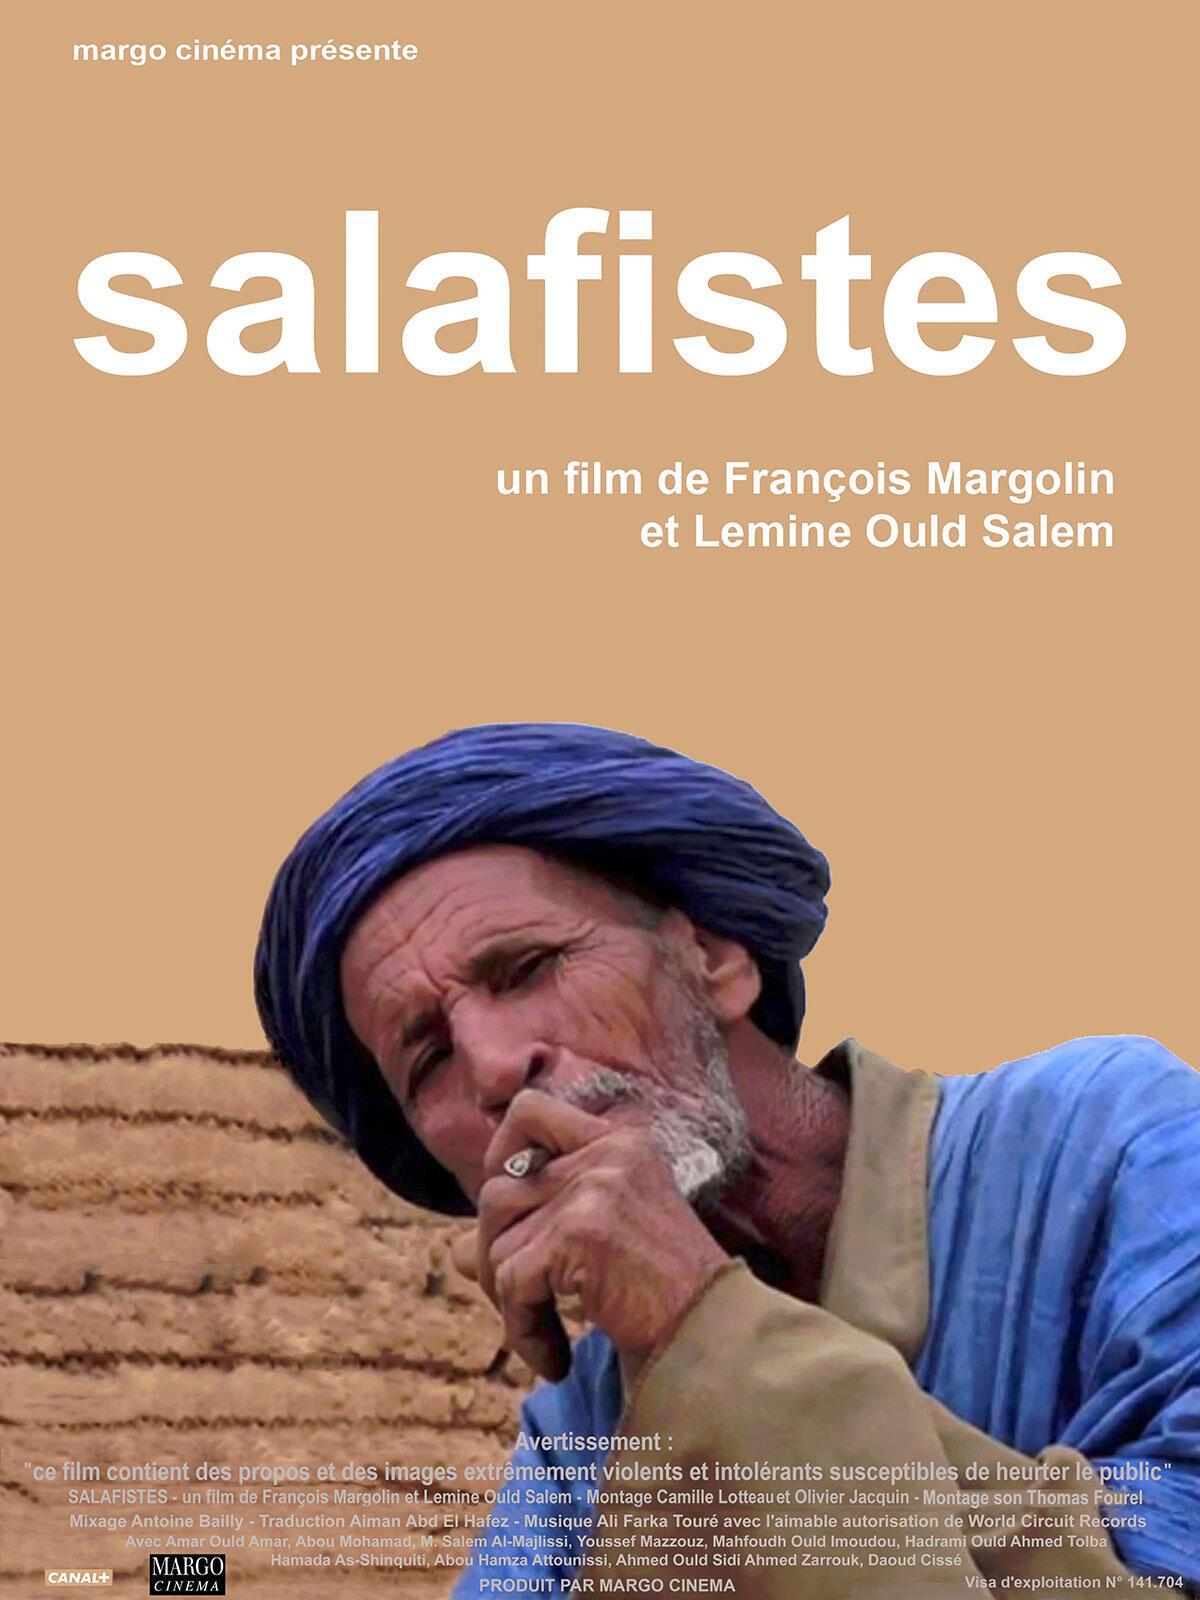 Détail de l'affiche du film Salafistes, réalisé par François Margolin et Lemine Ould Salem.